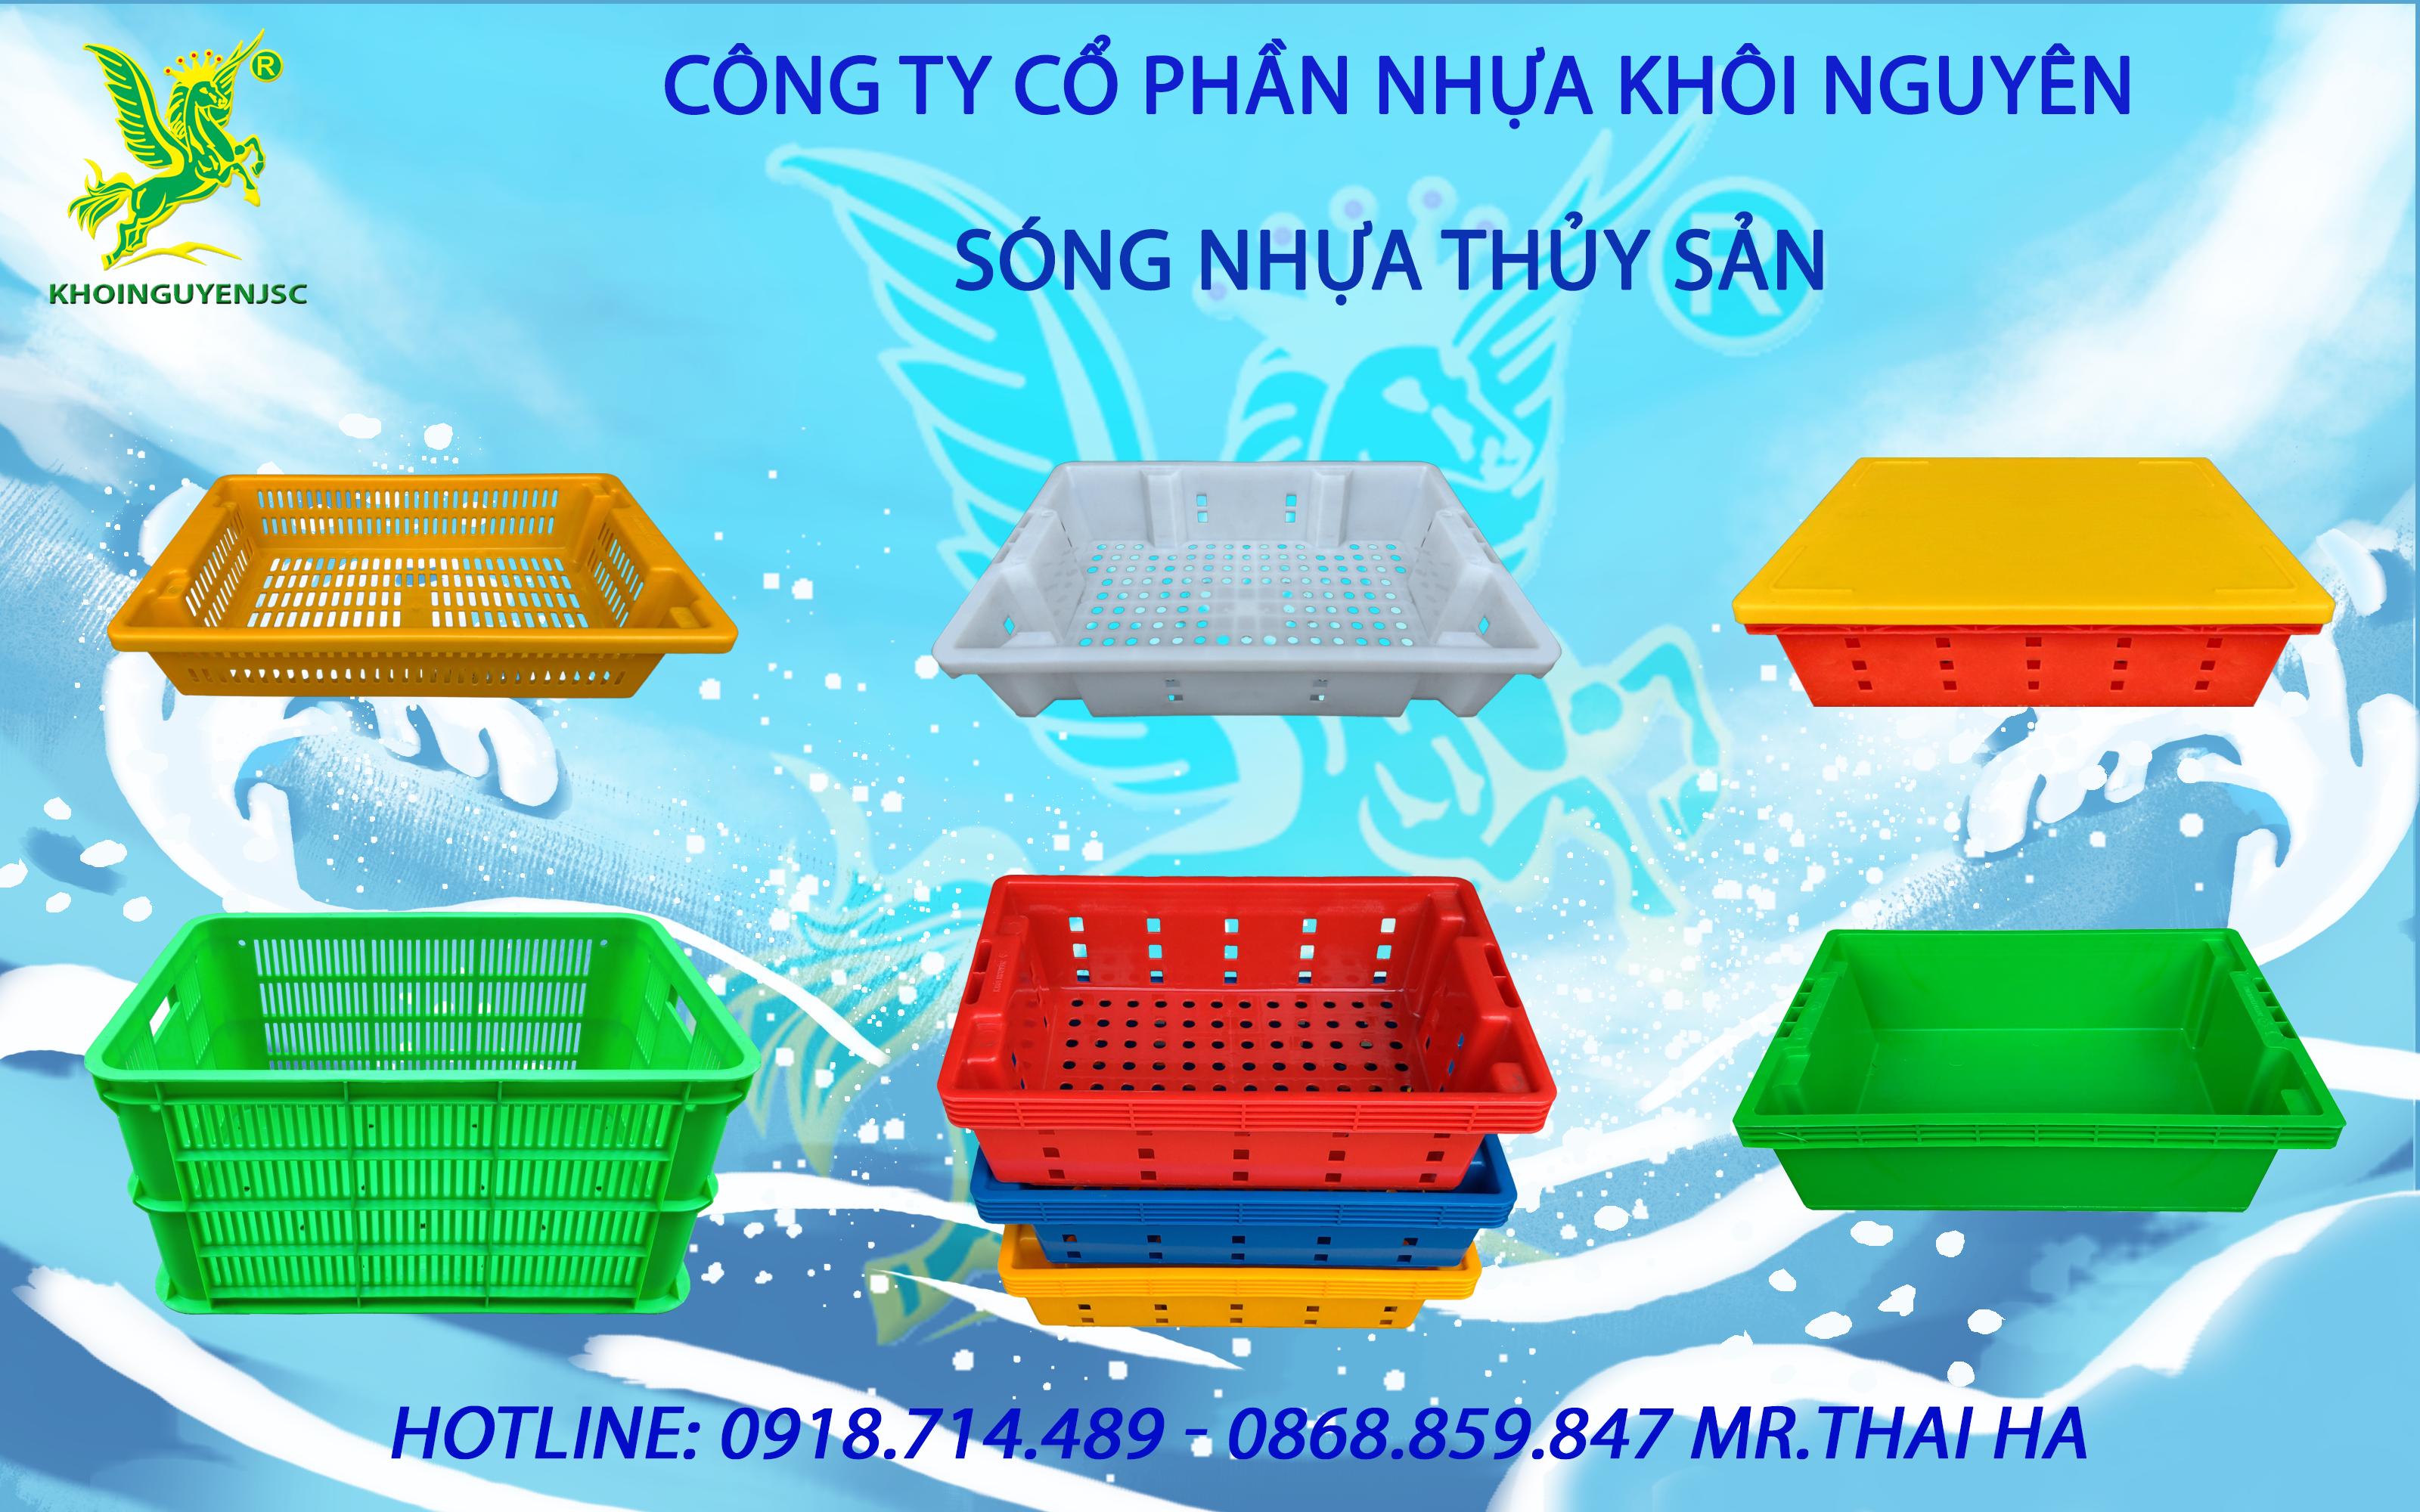 Sóng nhựa thủy sản